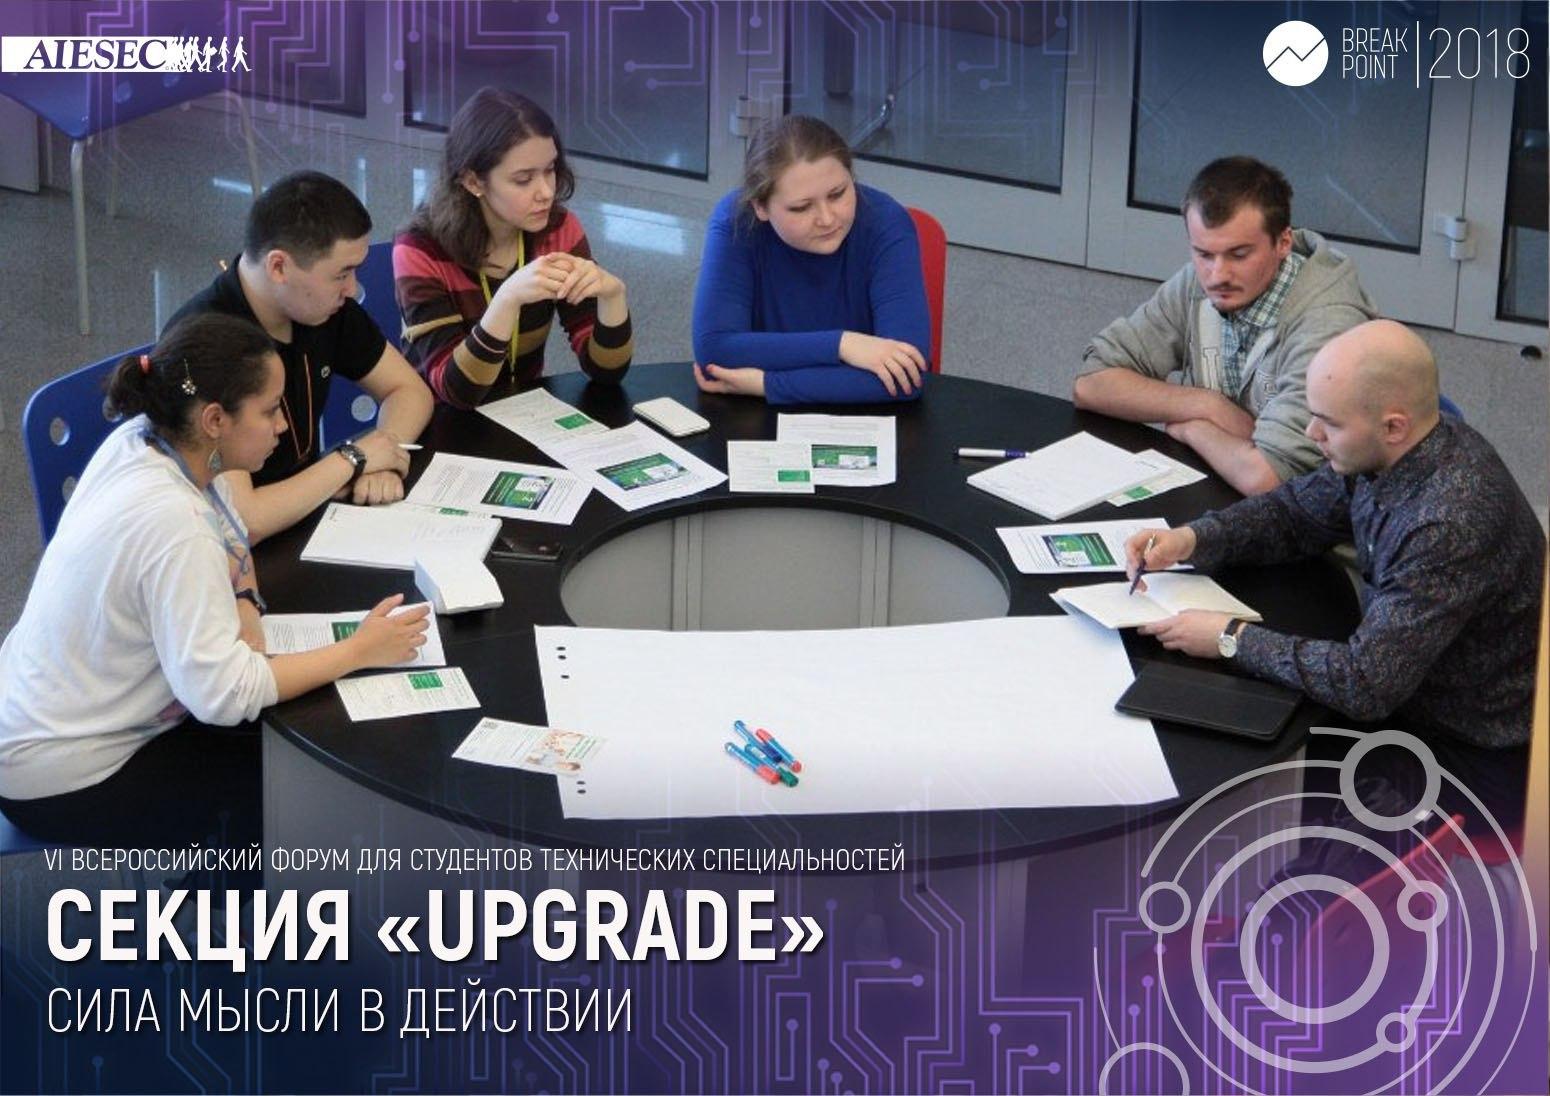 Секция «Upgrade»